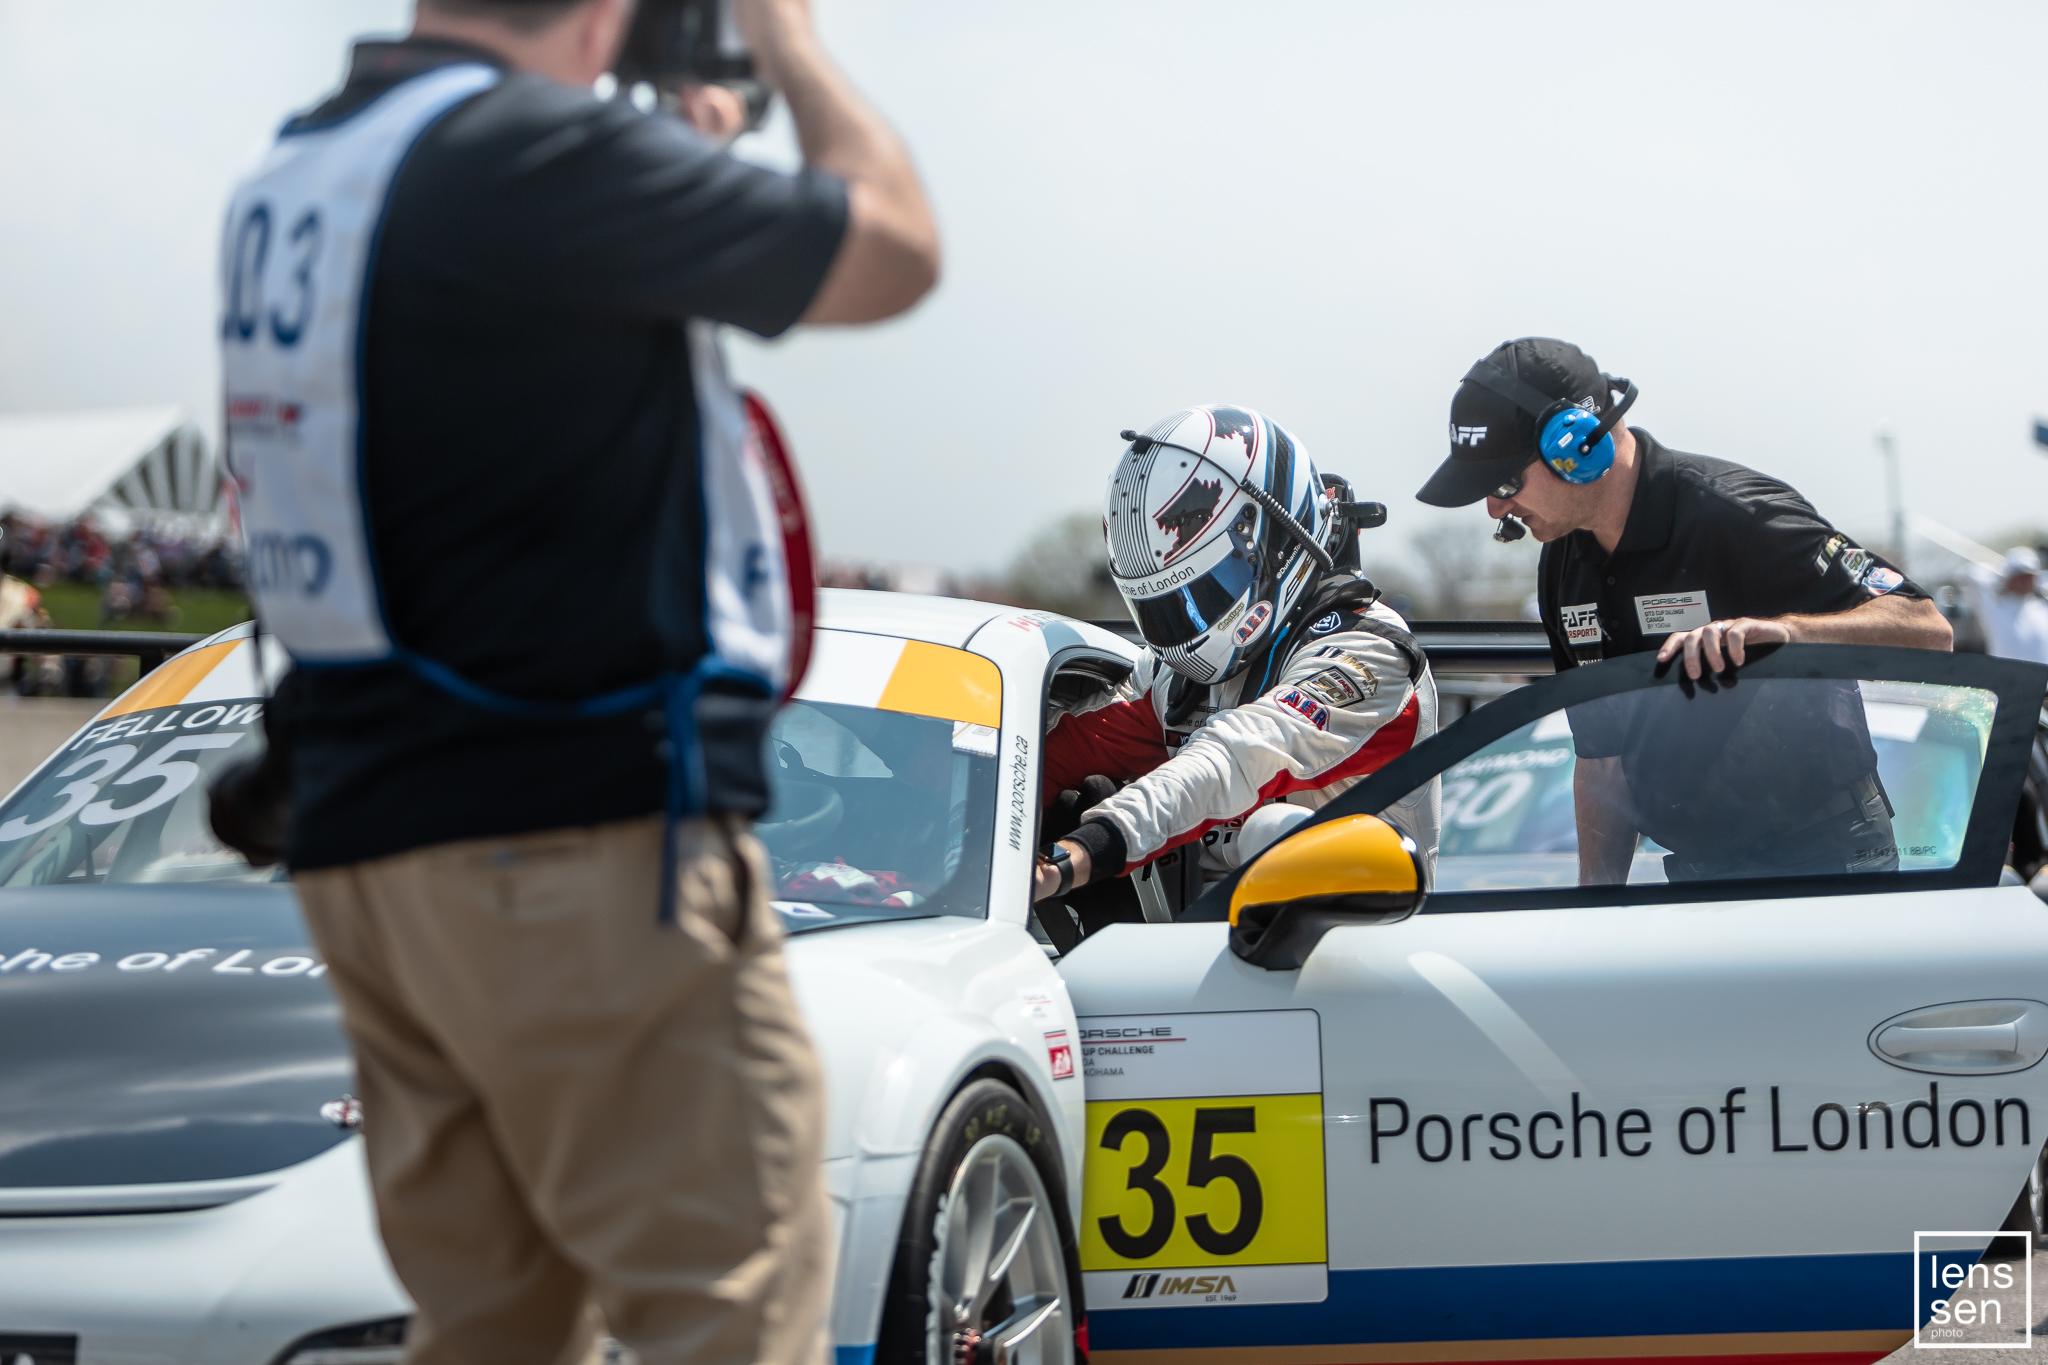 Porsche GT3 Cup Challenge Canada - 052019 - CTMP Mosport VDS 2019 - Lenssen Photo - 222 -9598.jpg